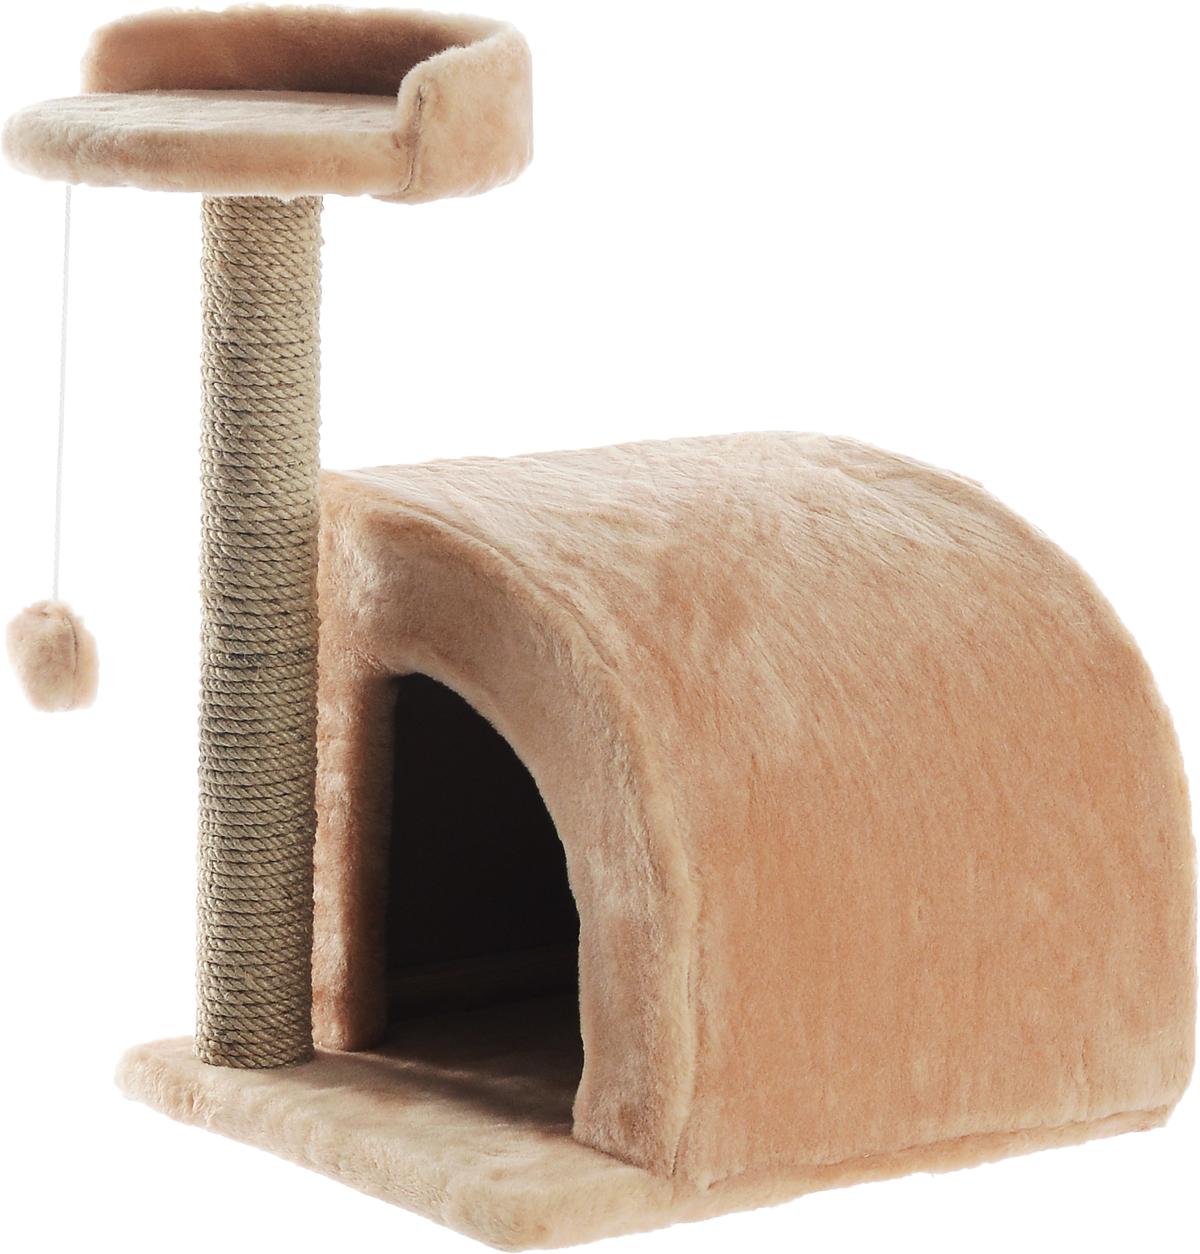 Домик-когтеточка Меридиан, полукруглый, цвет: светло-коричневый, бежевый, 54 х 40 х 59 смД518СКДомик-когтеточка Меридиан выполнен из высококачественного ДВП и ДСП и обтянут искусственным мехом. Изделие предназначено для кошек. Ваш домашний питомец будет с удовольствием точить когти о специальный столбик, изготовленный из джута. А отдохнуть он сможет либо на полке, либо в домике. Изделие снабжено подвесной игрушкой. Домик-когтеточка Меридиан принесет пользу не только вашему питомцу, но и вам, так как он сохранит мебель от когтей и шерсти. Общий размер: 54 х 40 х 59 см. Размер домика: 36 х 36 х 32 см. Размер полки: 27 х 26 см.